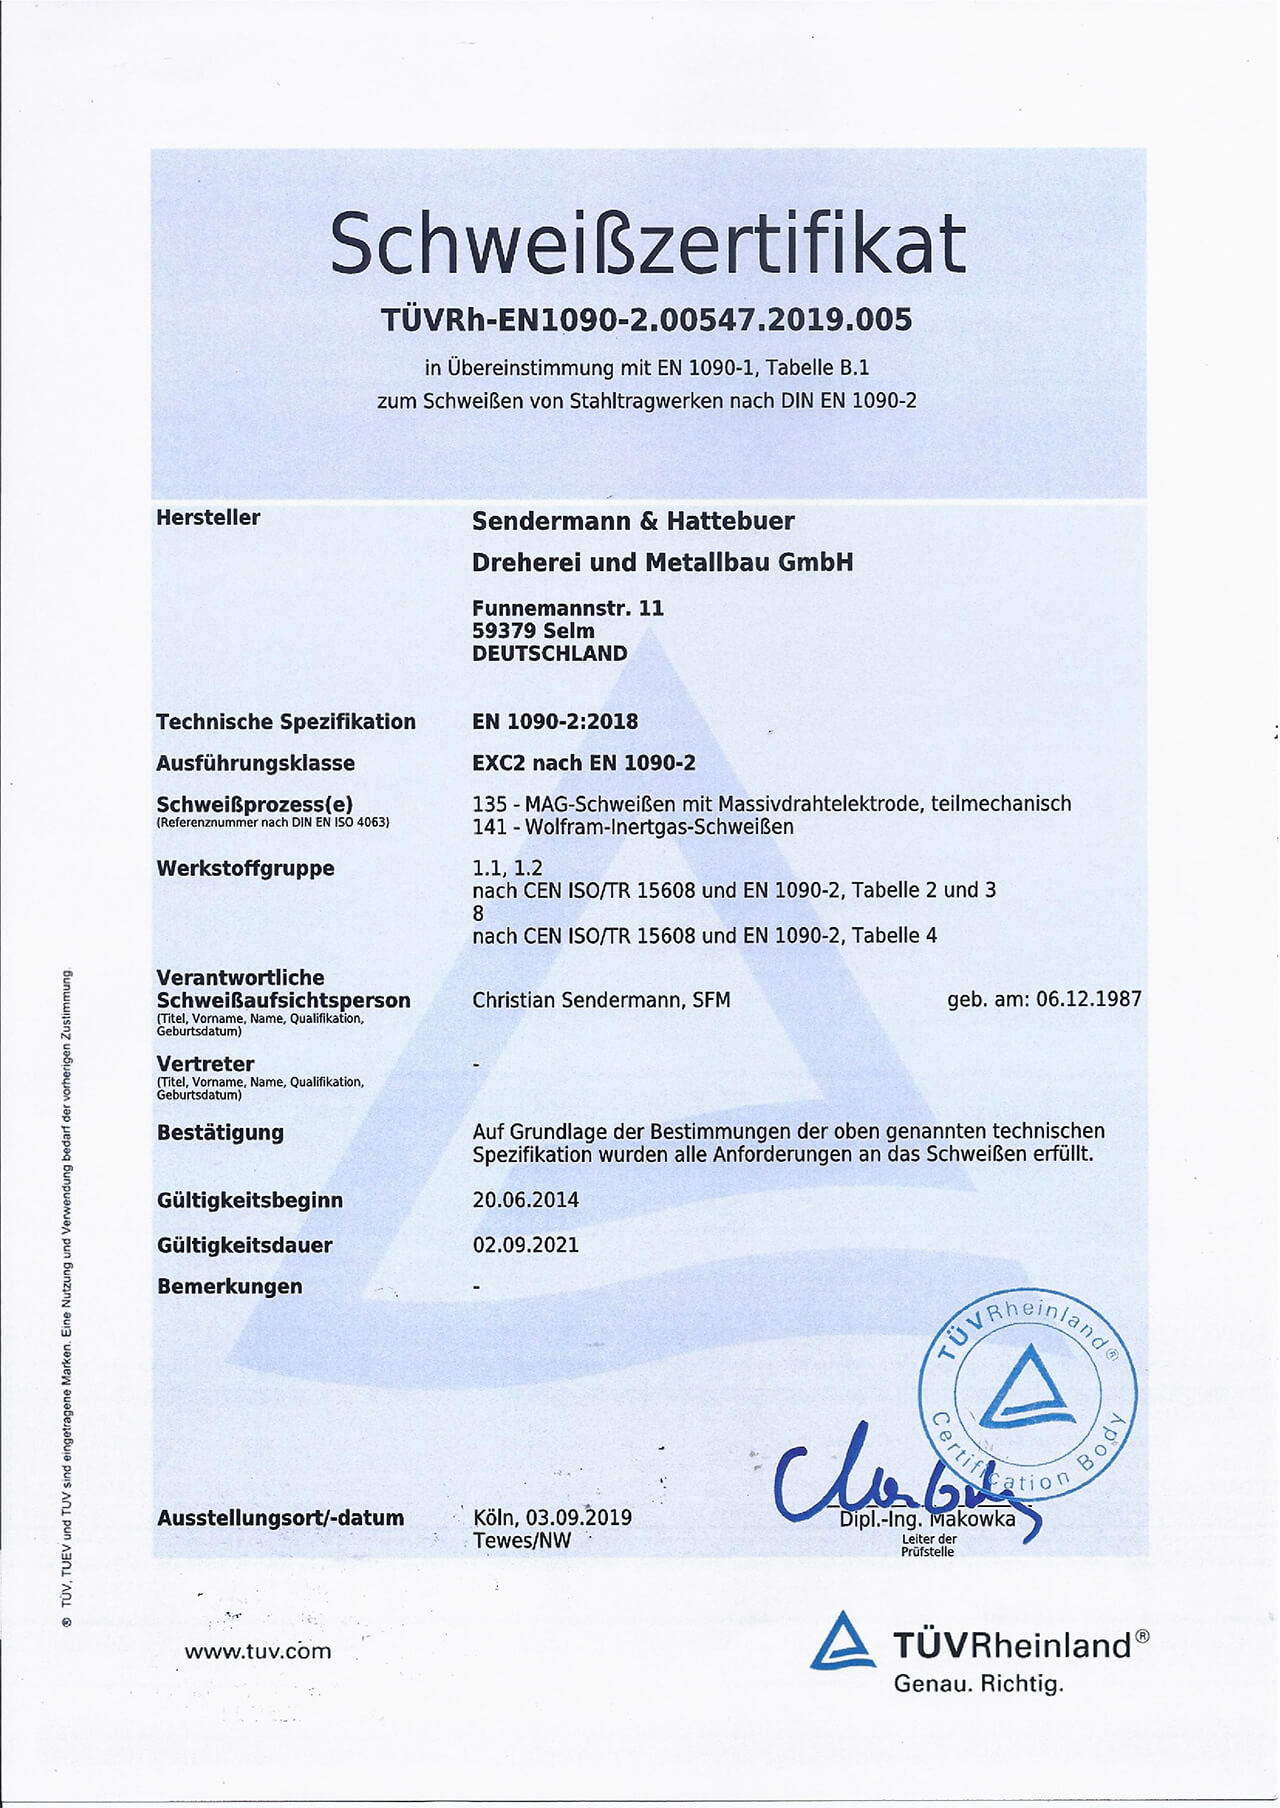 Schweißzertifikat DIN EN 1090-2